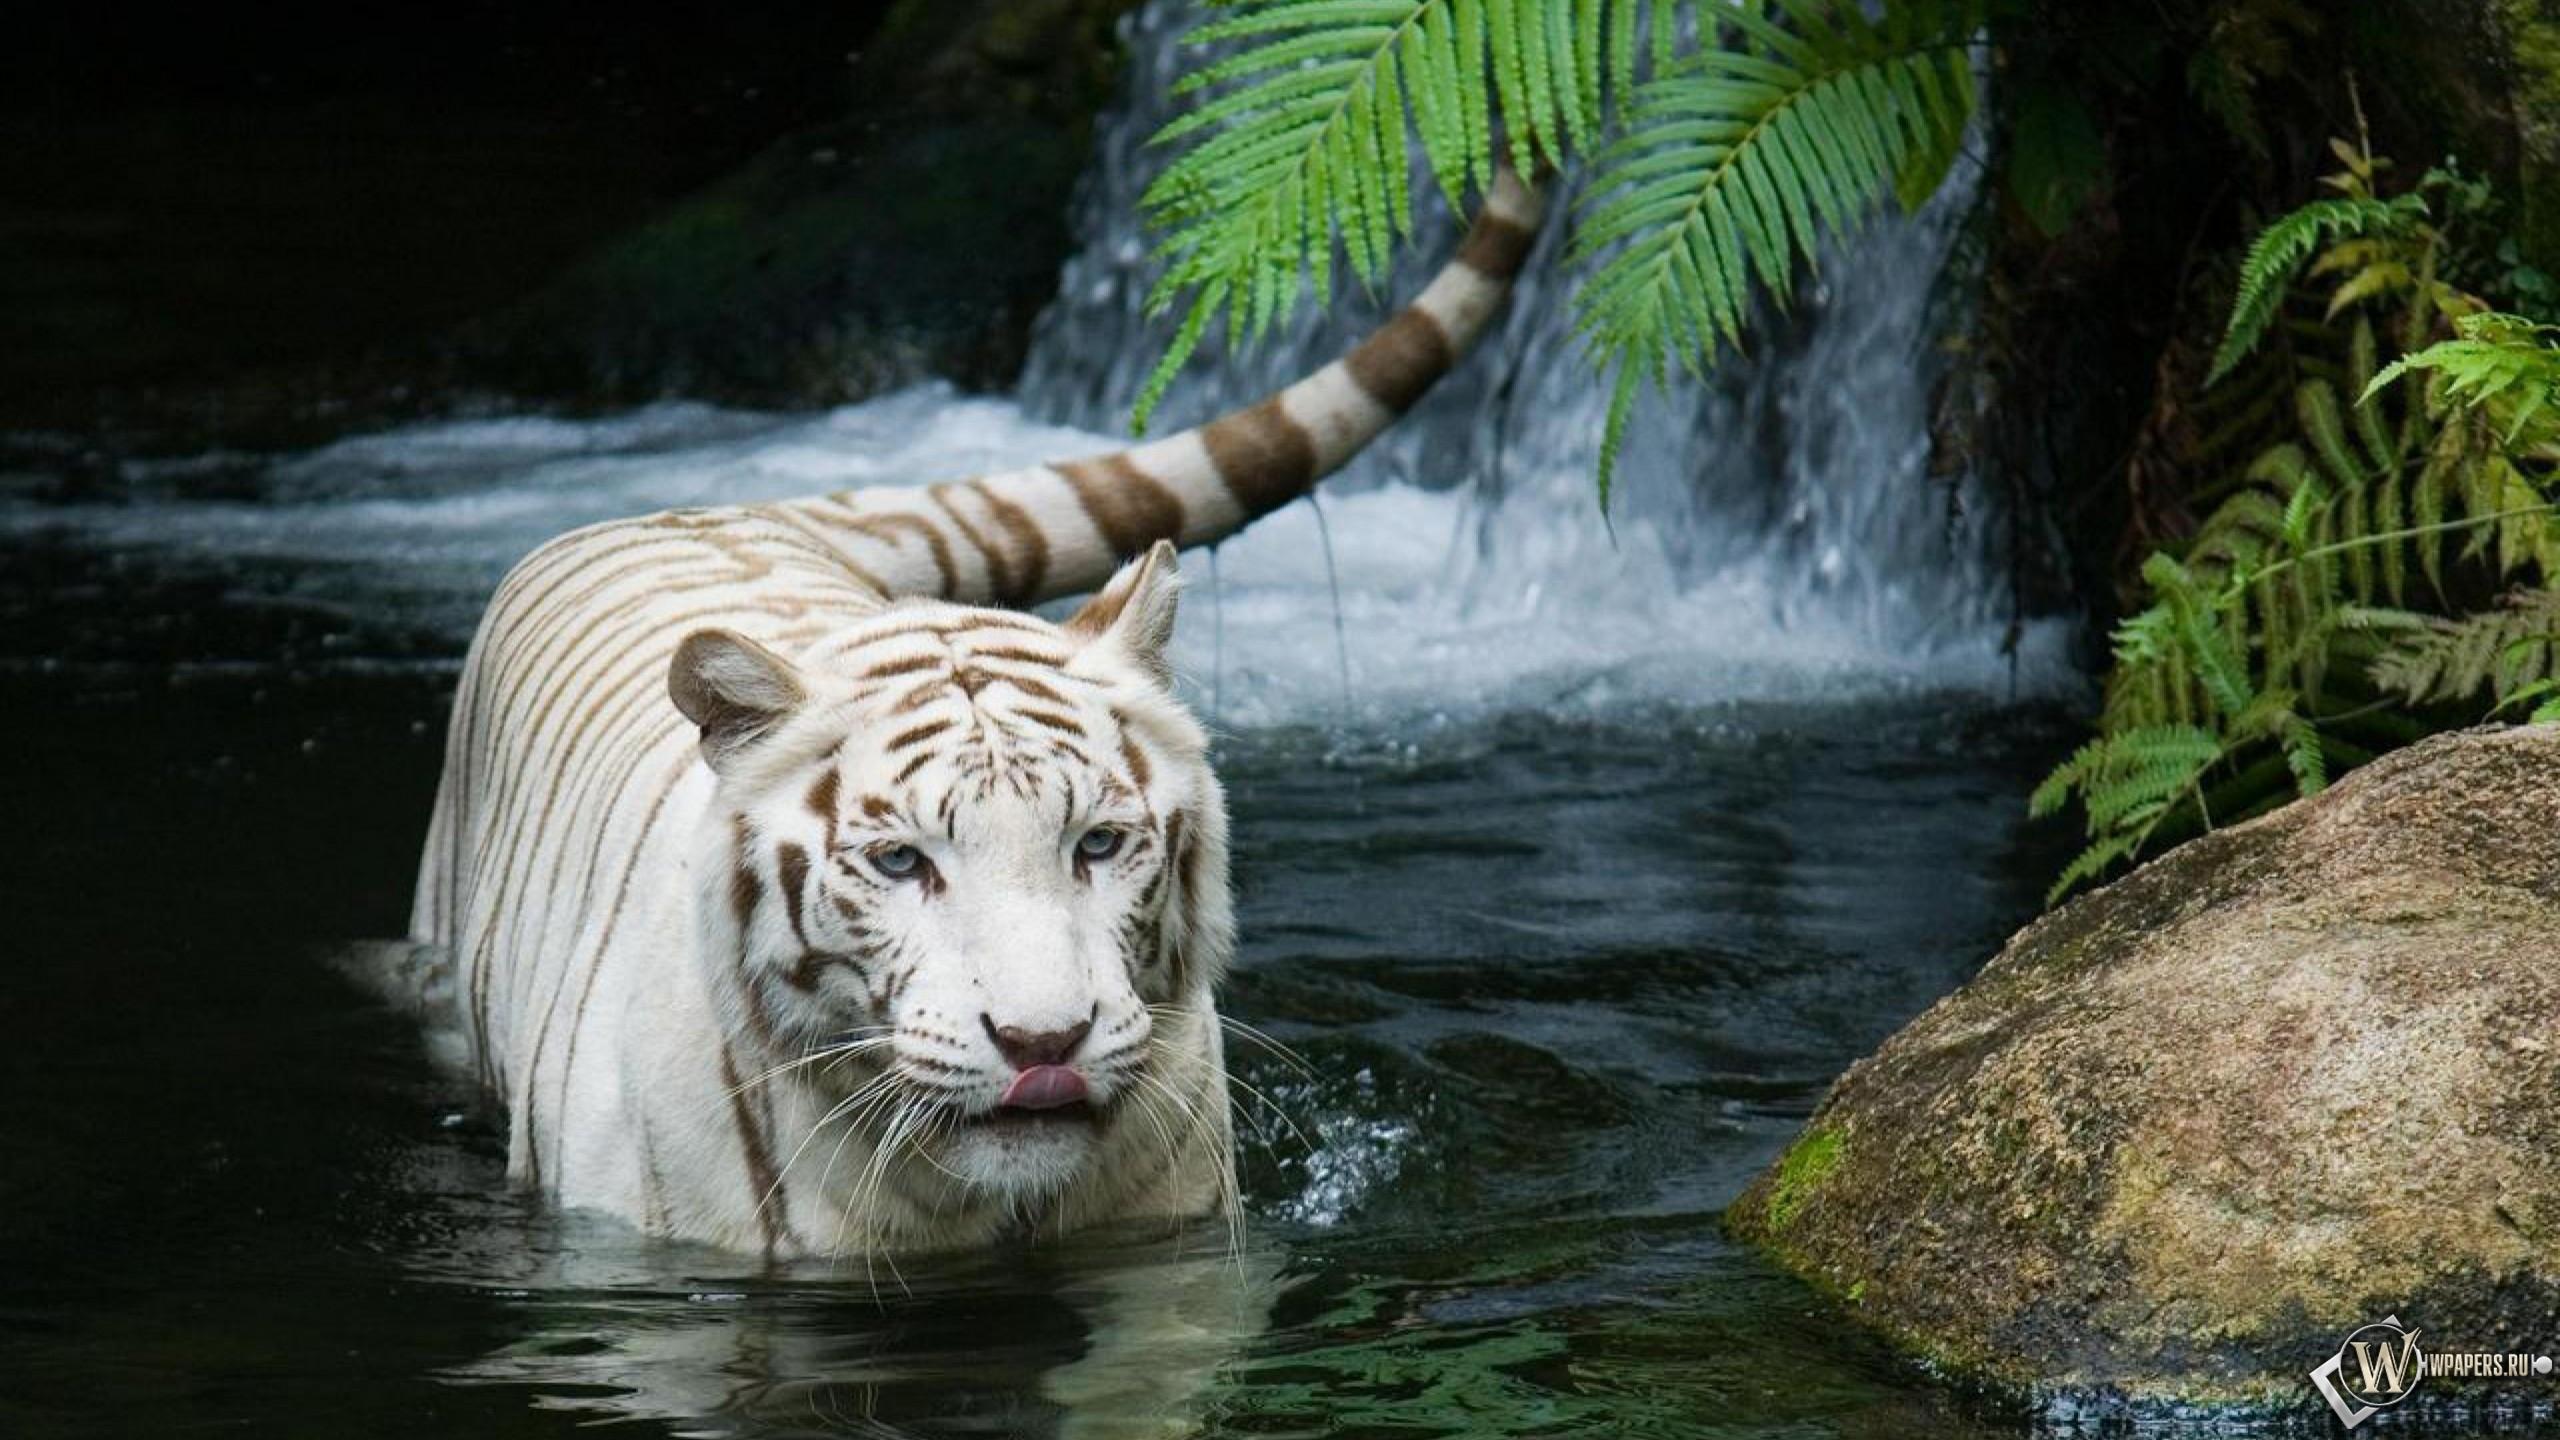 Красивый белый тигр в воде 2560x1440